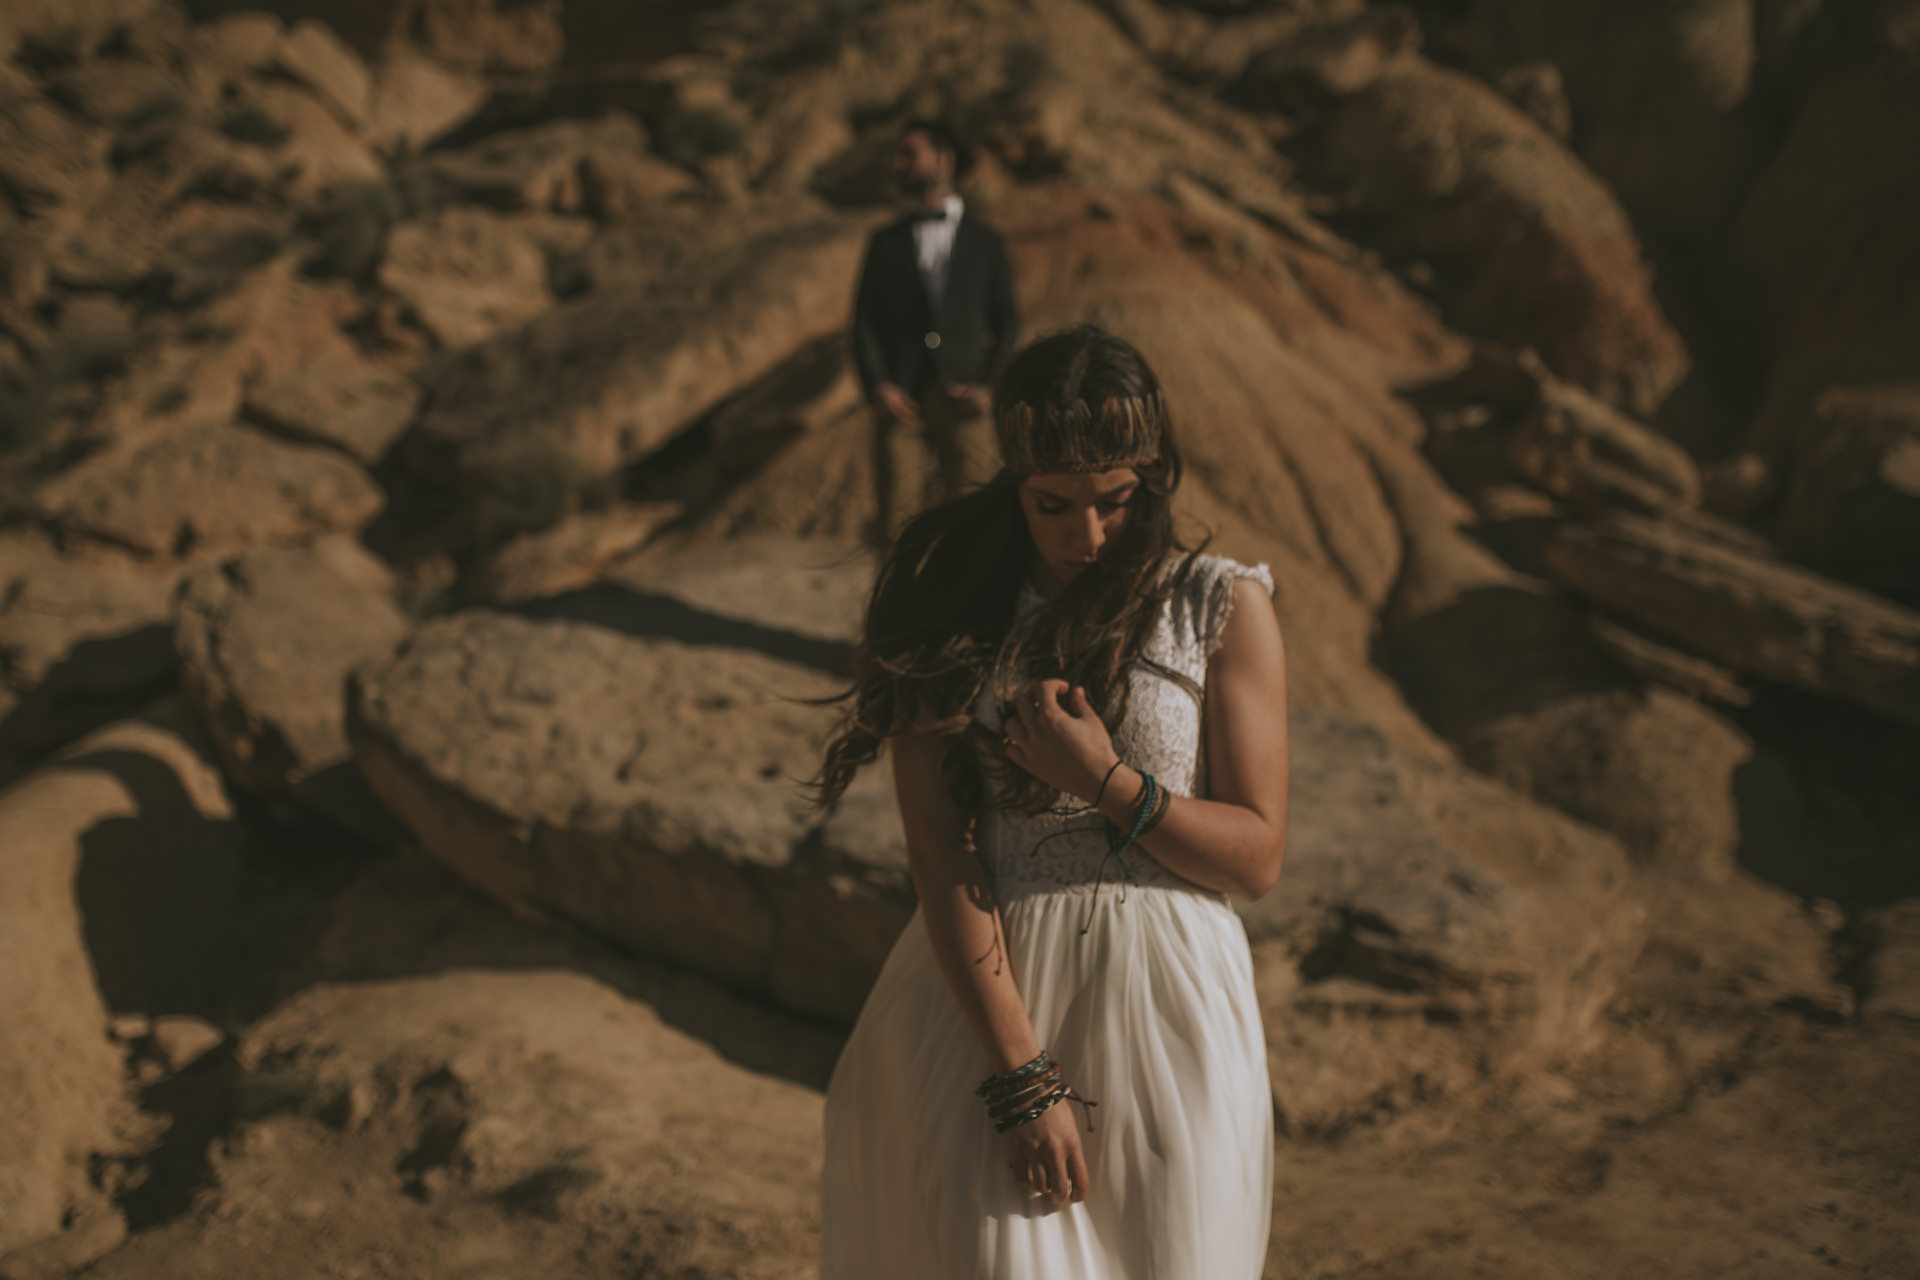 steven bassilieaux photographer sud ouest bordeaux bergerac dodogne elopement Bardeans desert espagne spain espana mariage wedding_-6.jpg